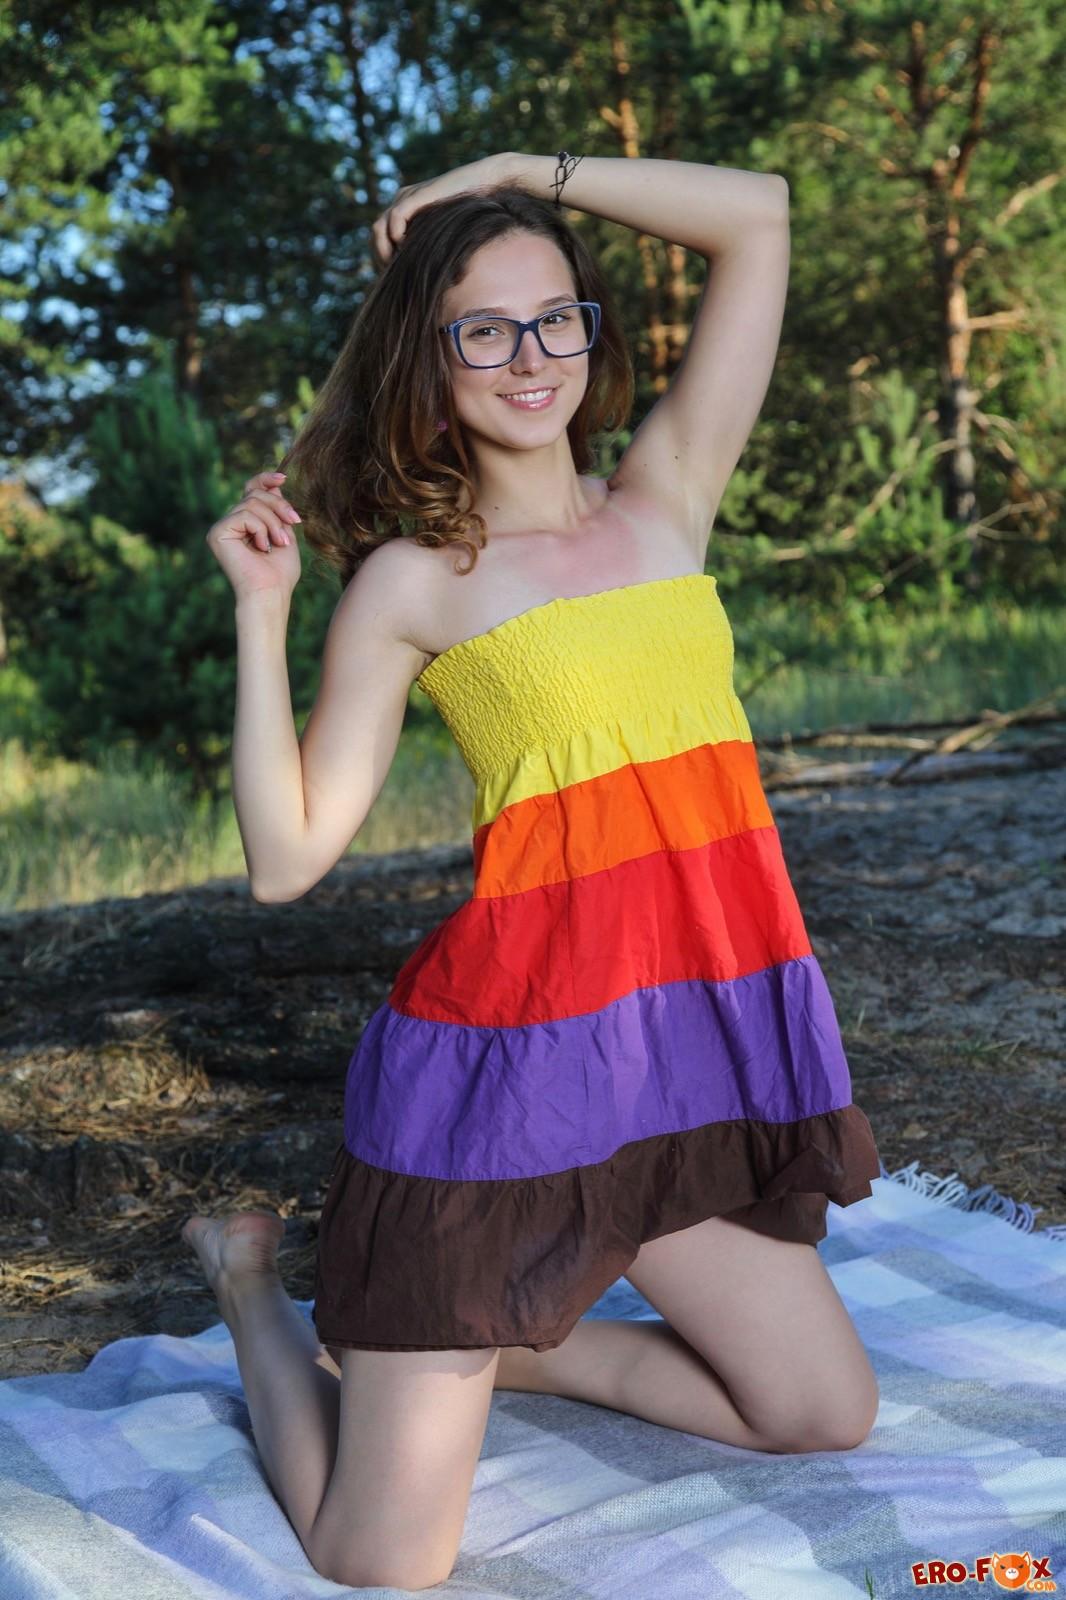 Молодая милашка в очках снимает платье в лесу - фото